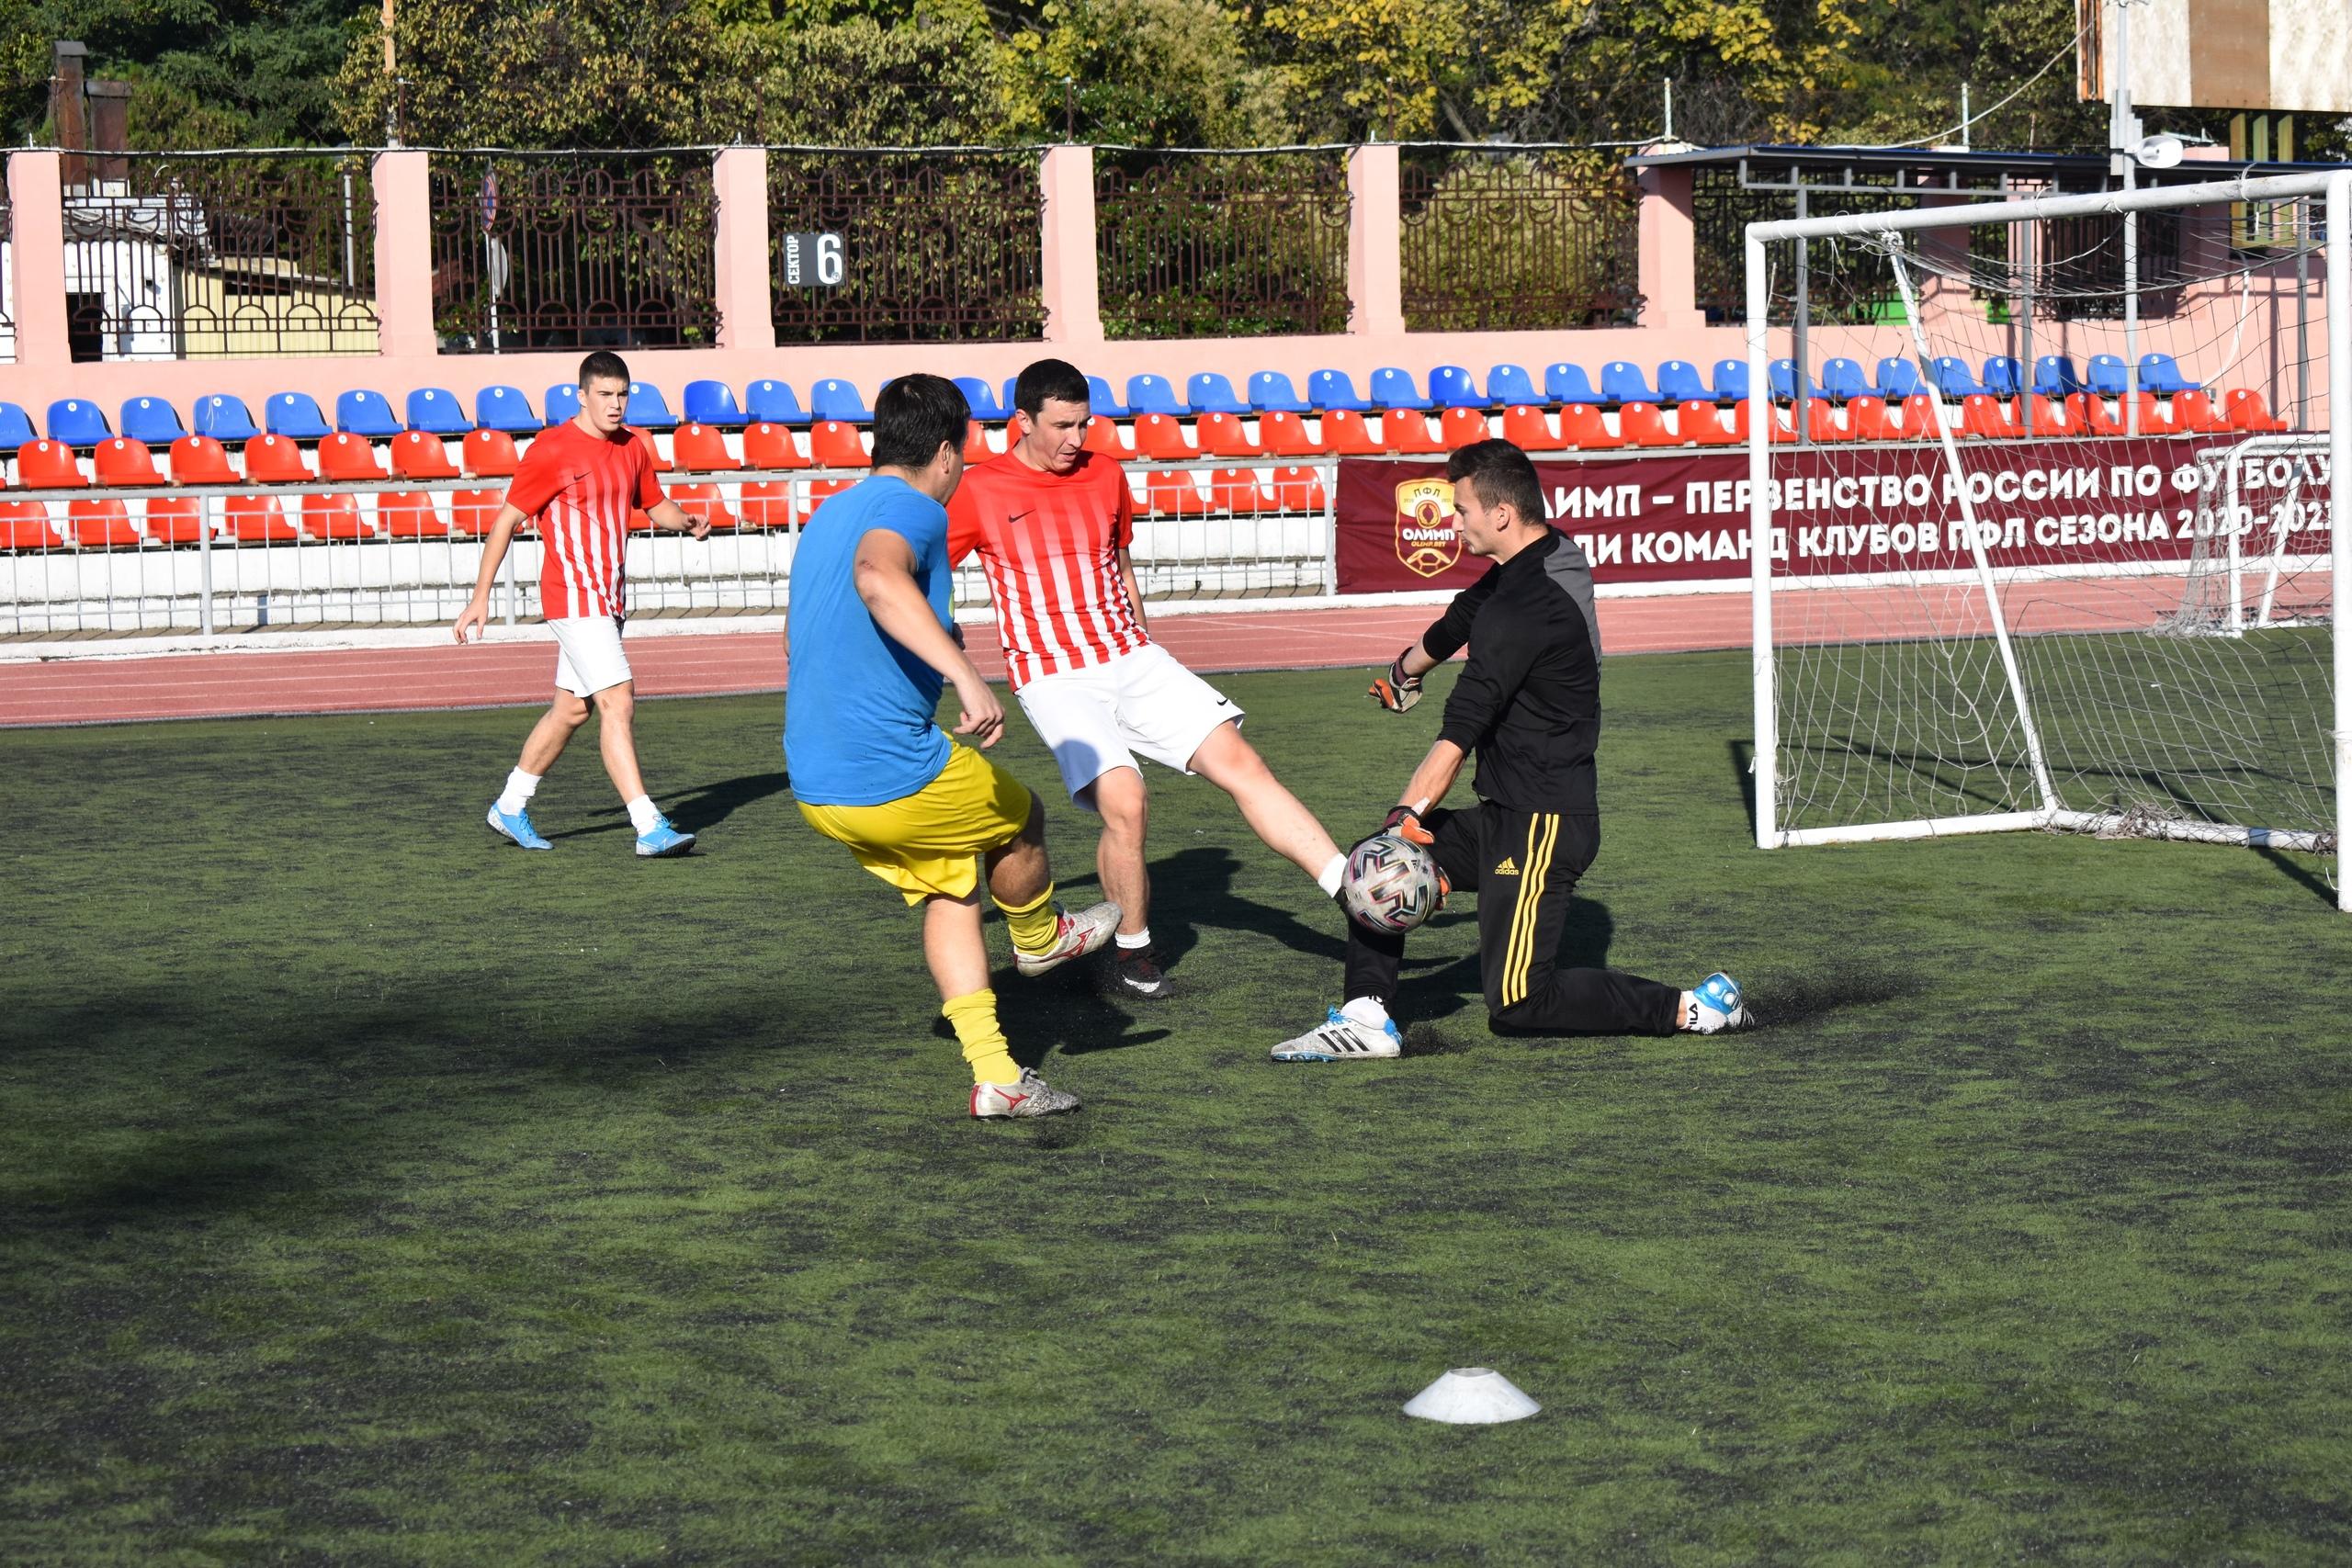 Чемпионат города по мини-футболу